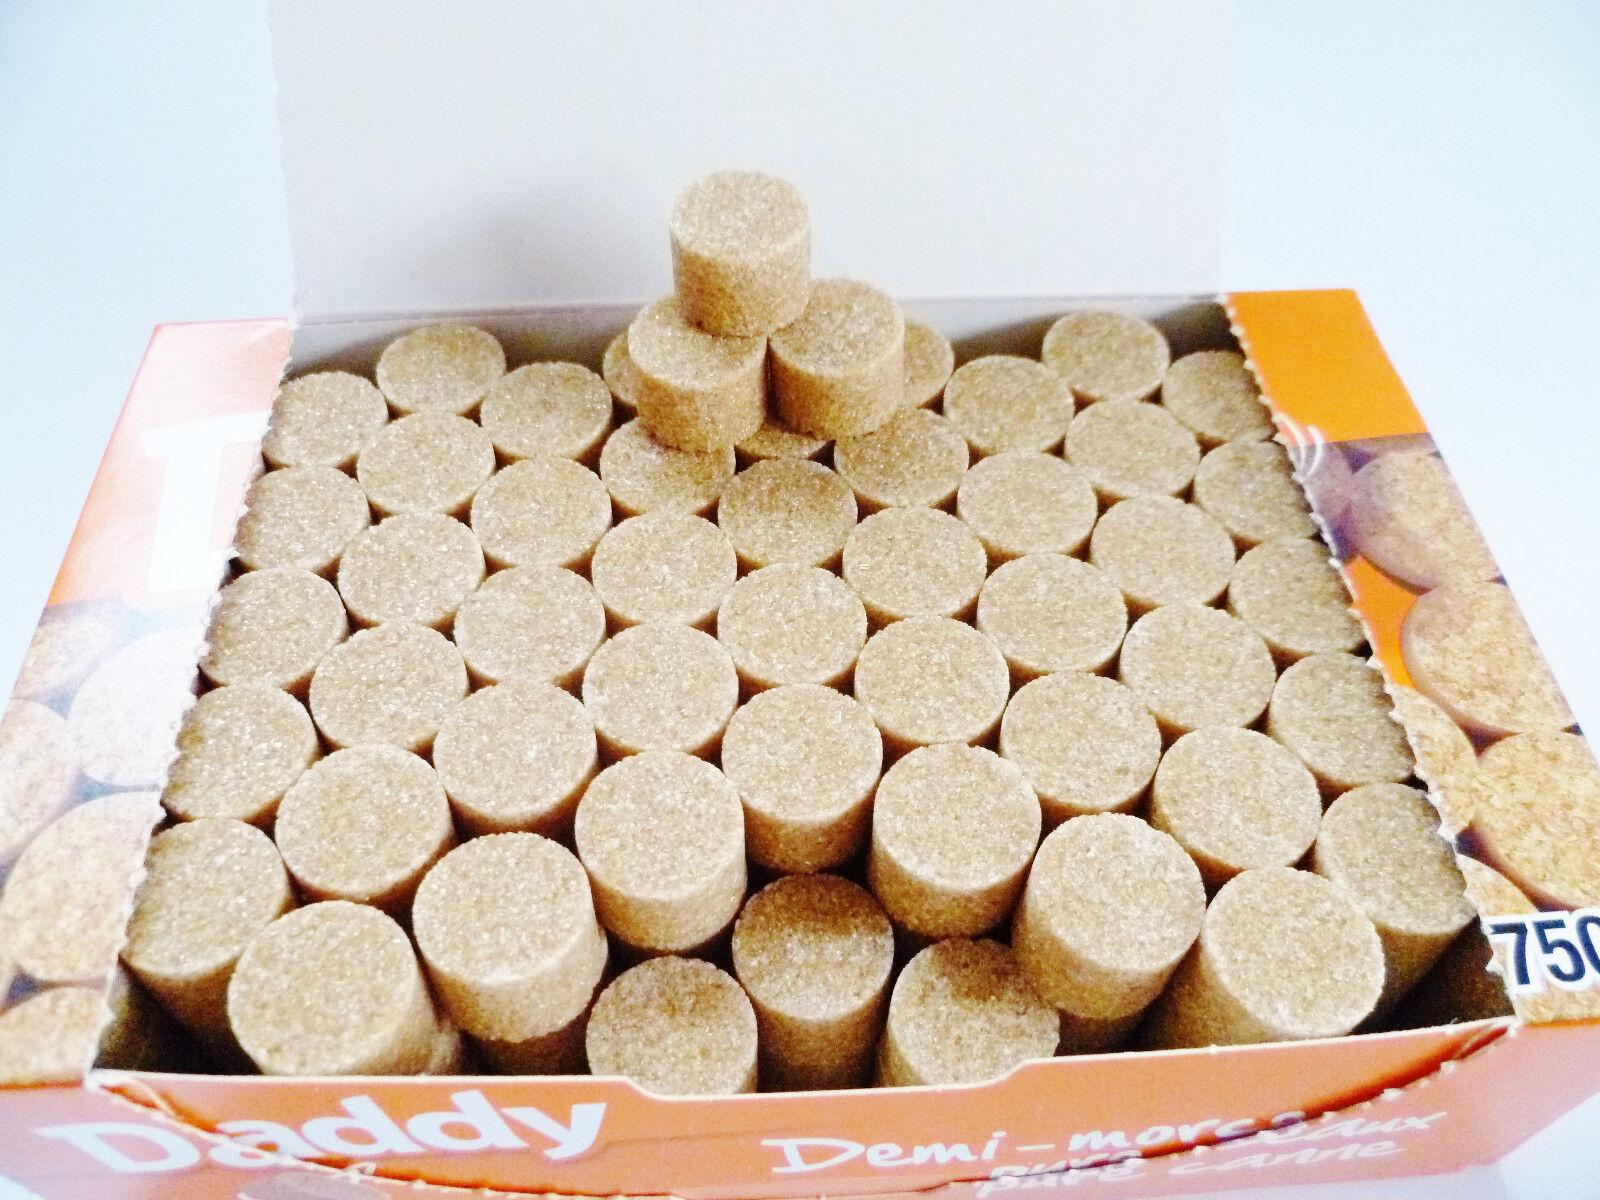 Zucker Daddy Rohrzucker Würfelzucker 750g Packung rund nur 3g je Zuckerstückchen